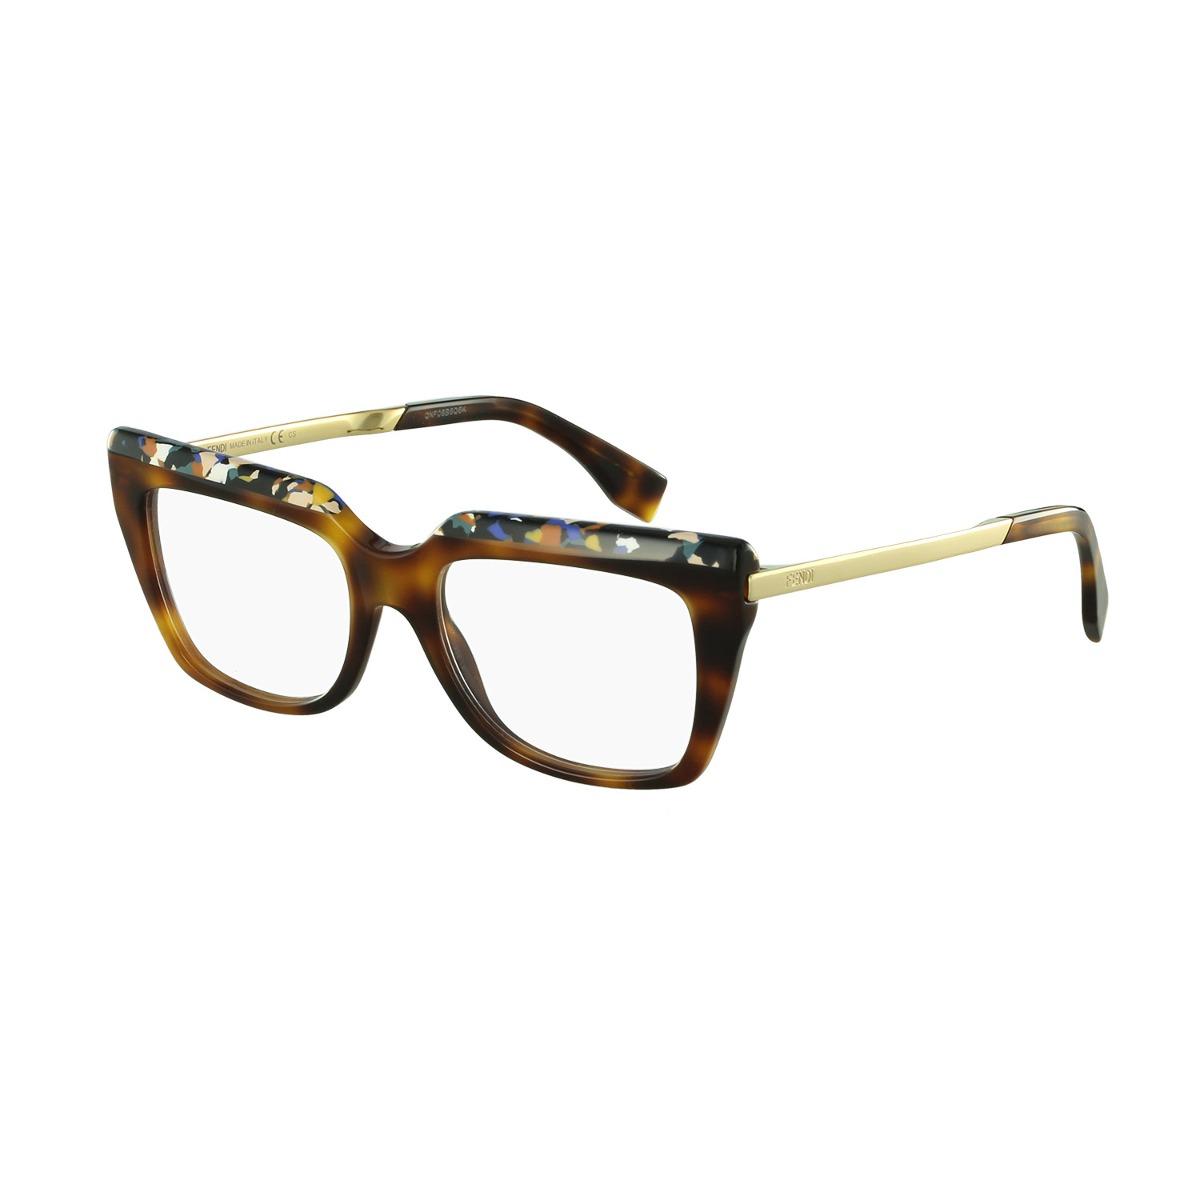 395777169585a Óculos De Grau Fendi Casual Marrom - R  1.399,00 em Mercado Livre